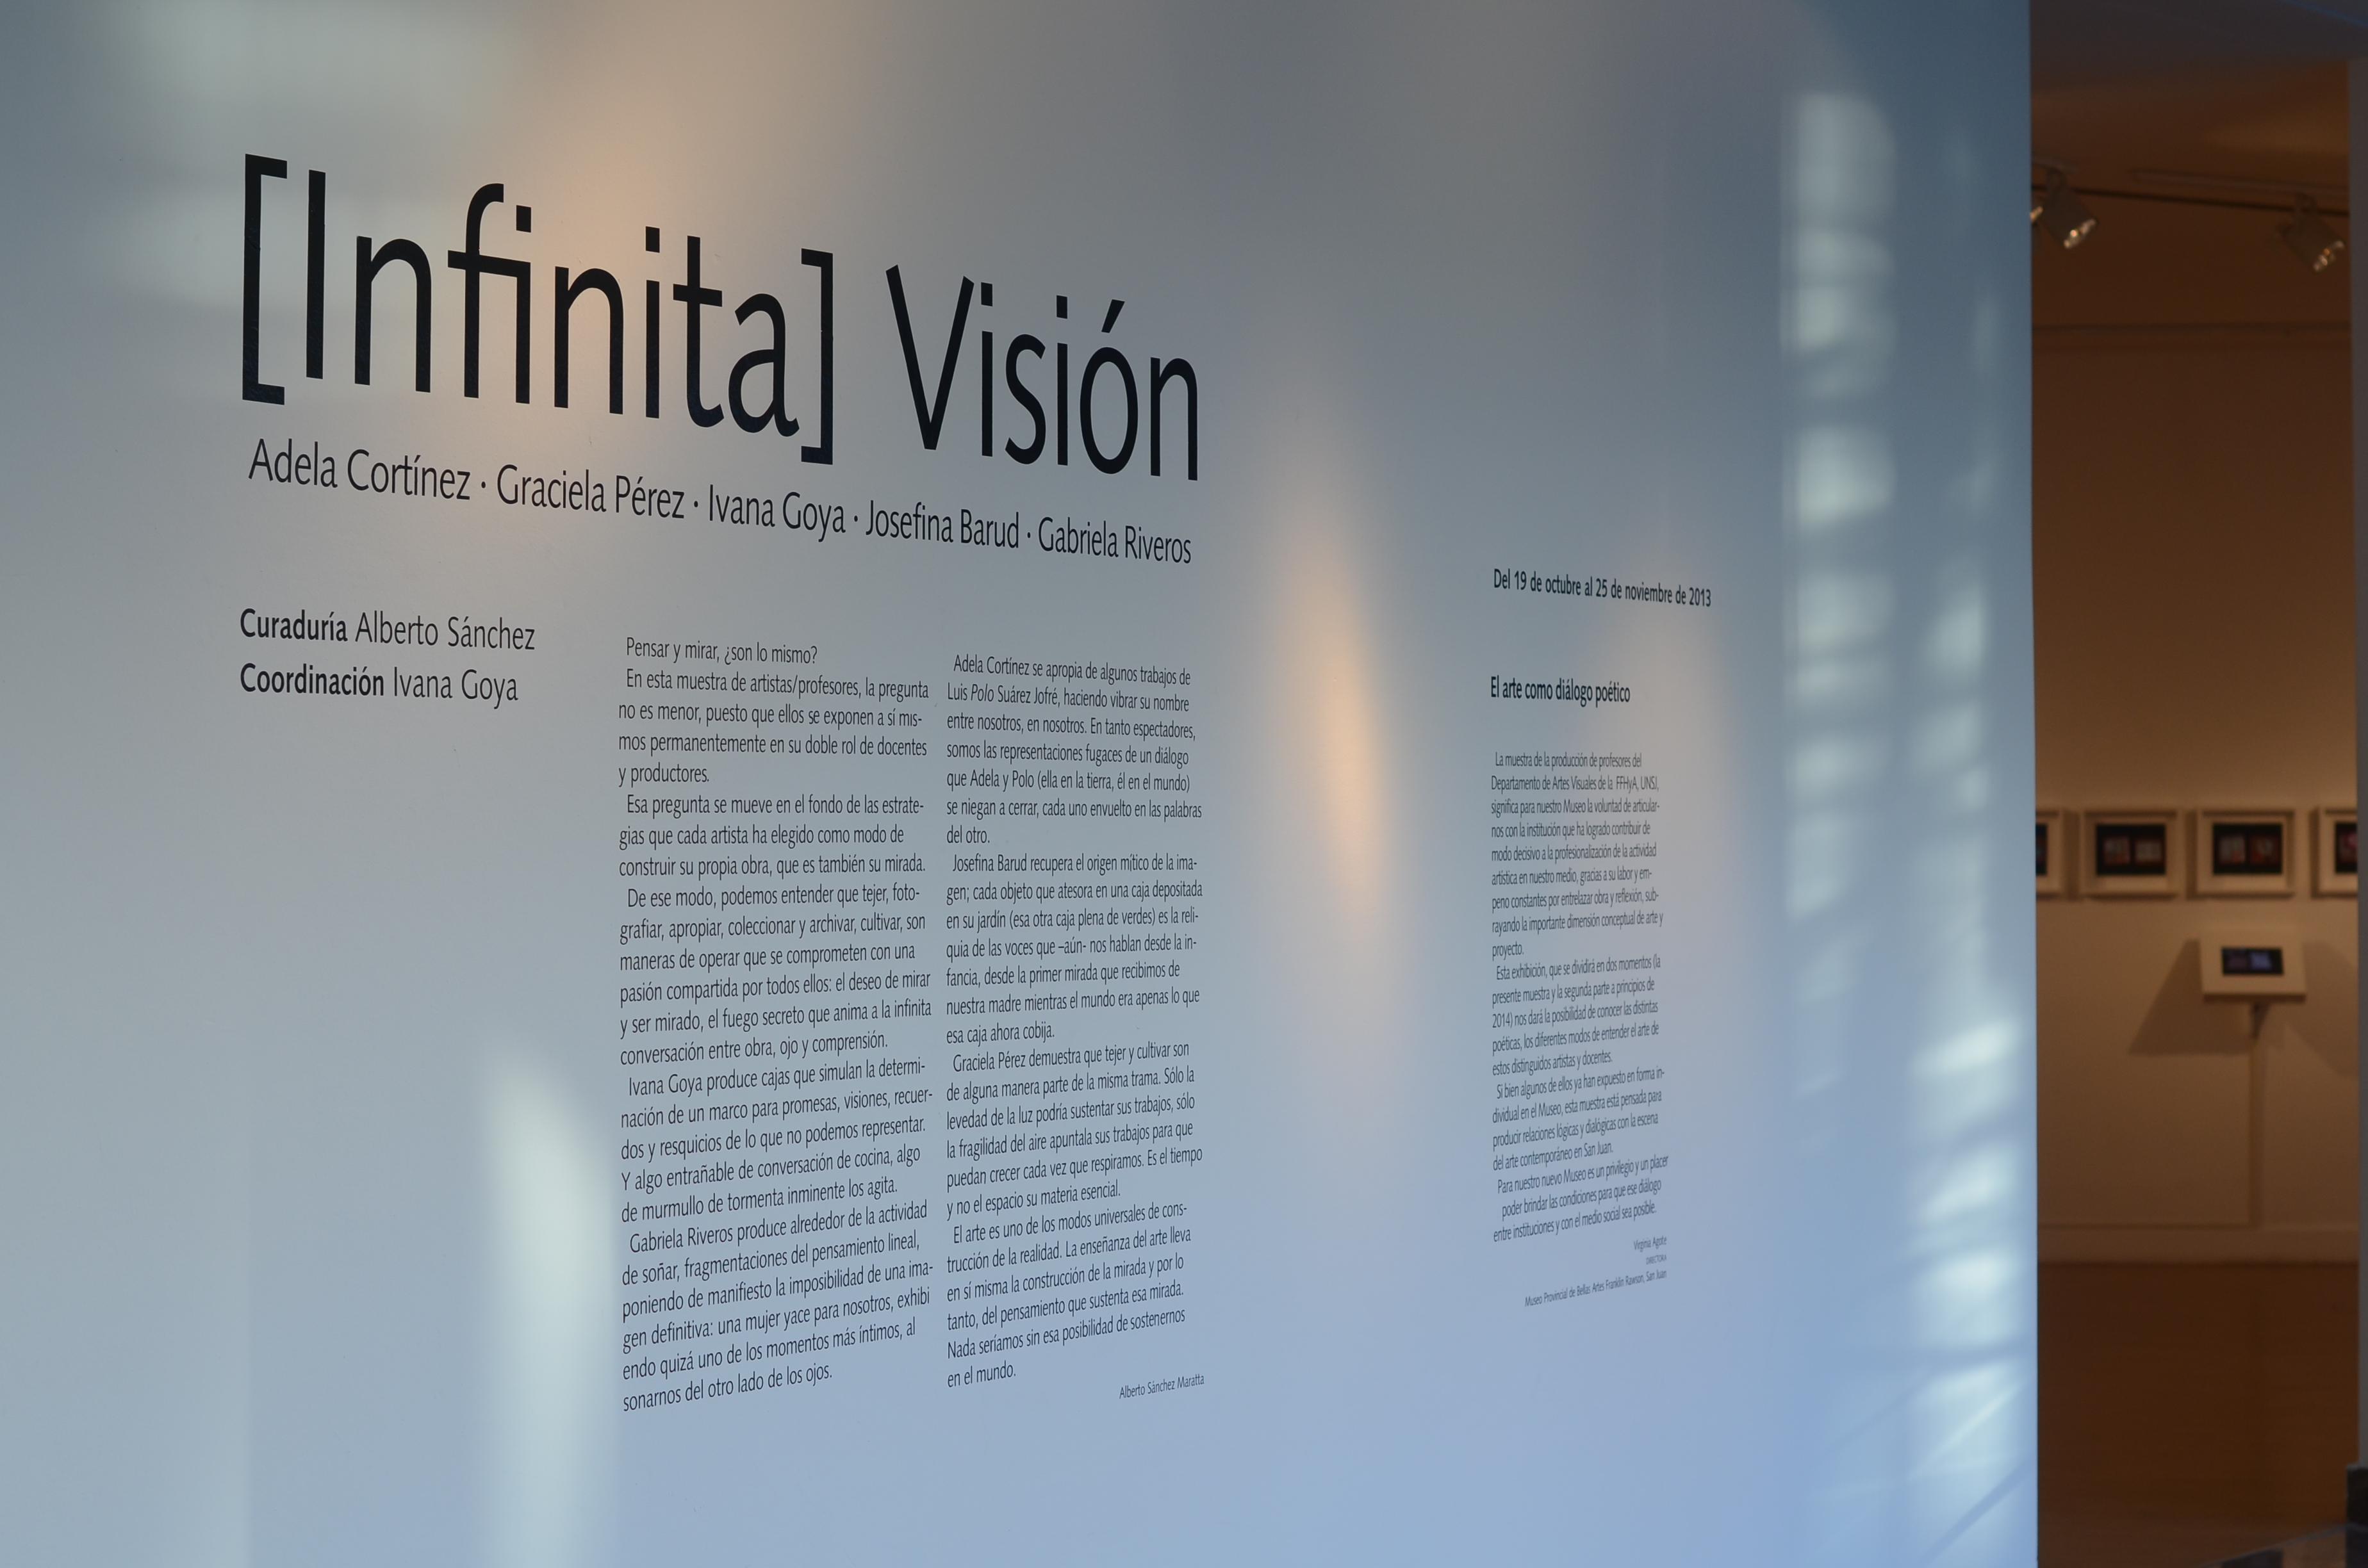 Infinita visión